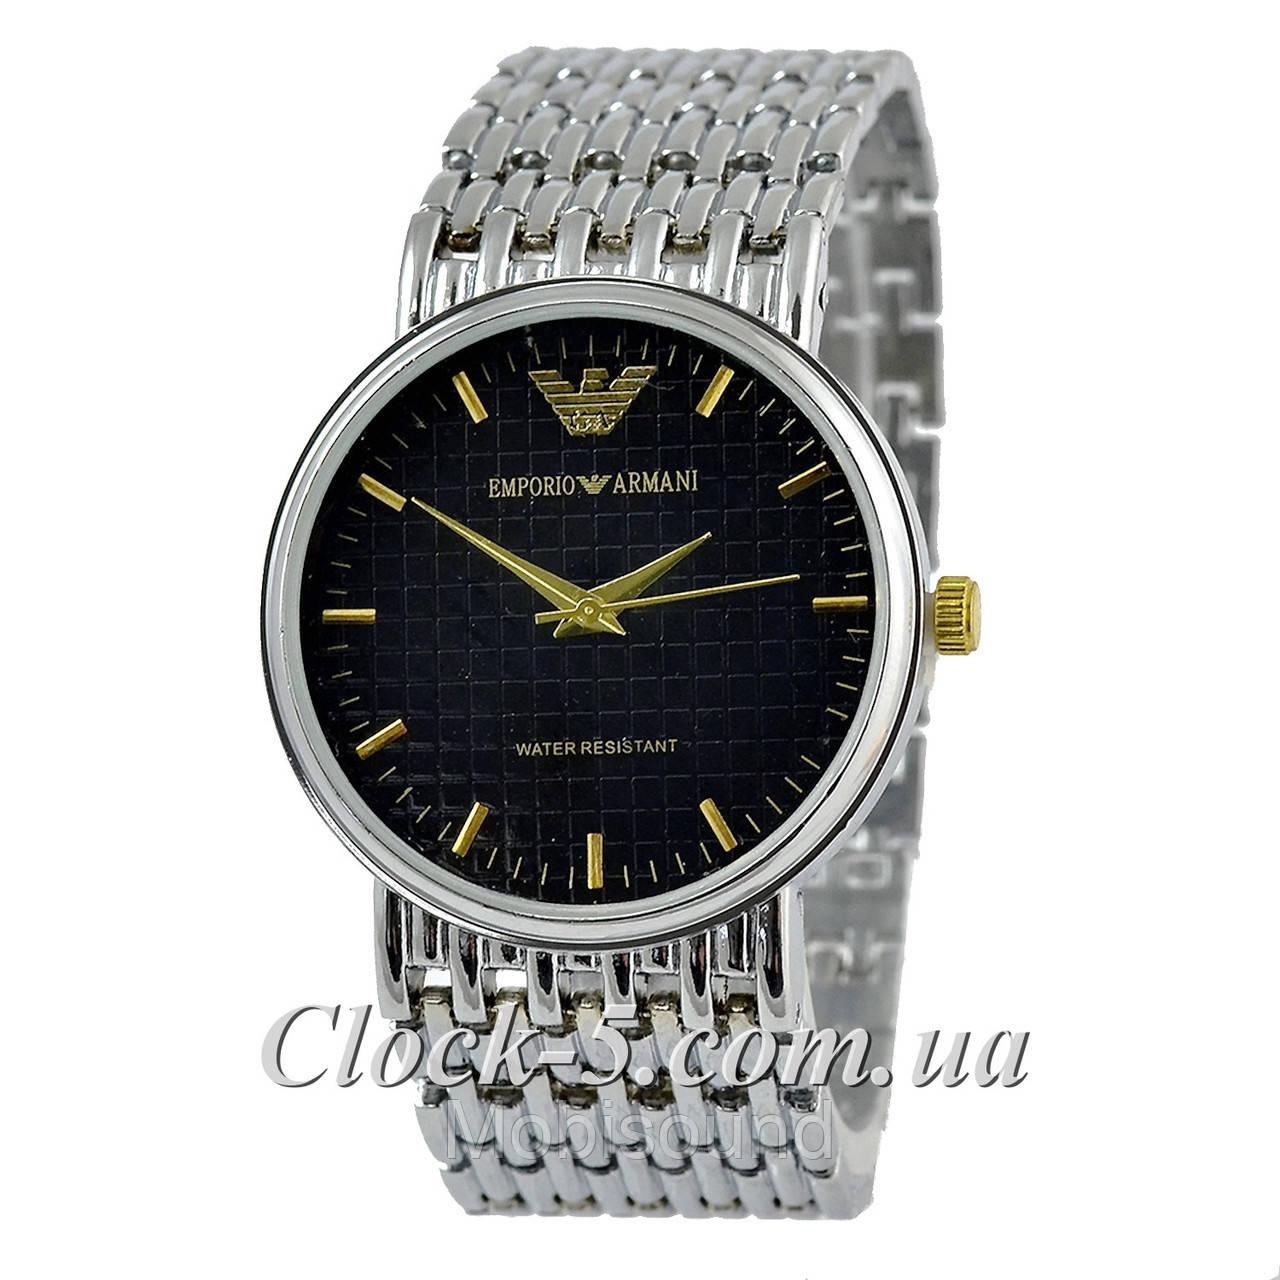 17e411b74d34 Купить в Украине Часы Импорио Армани — в Категории